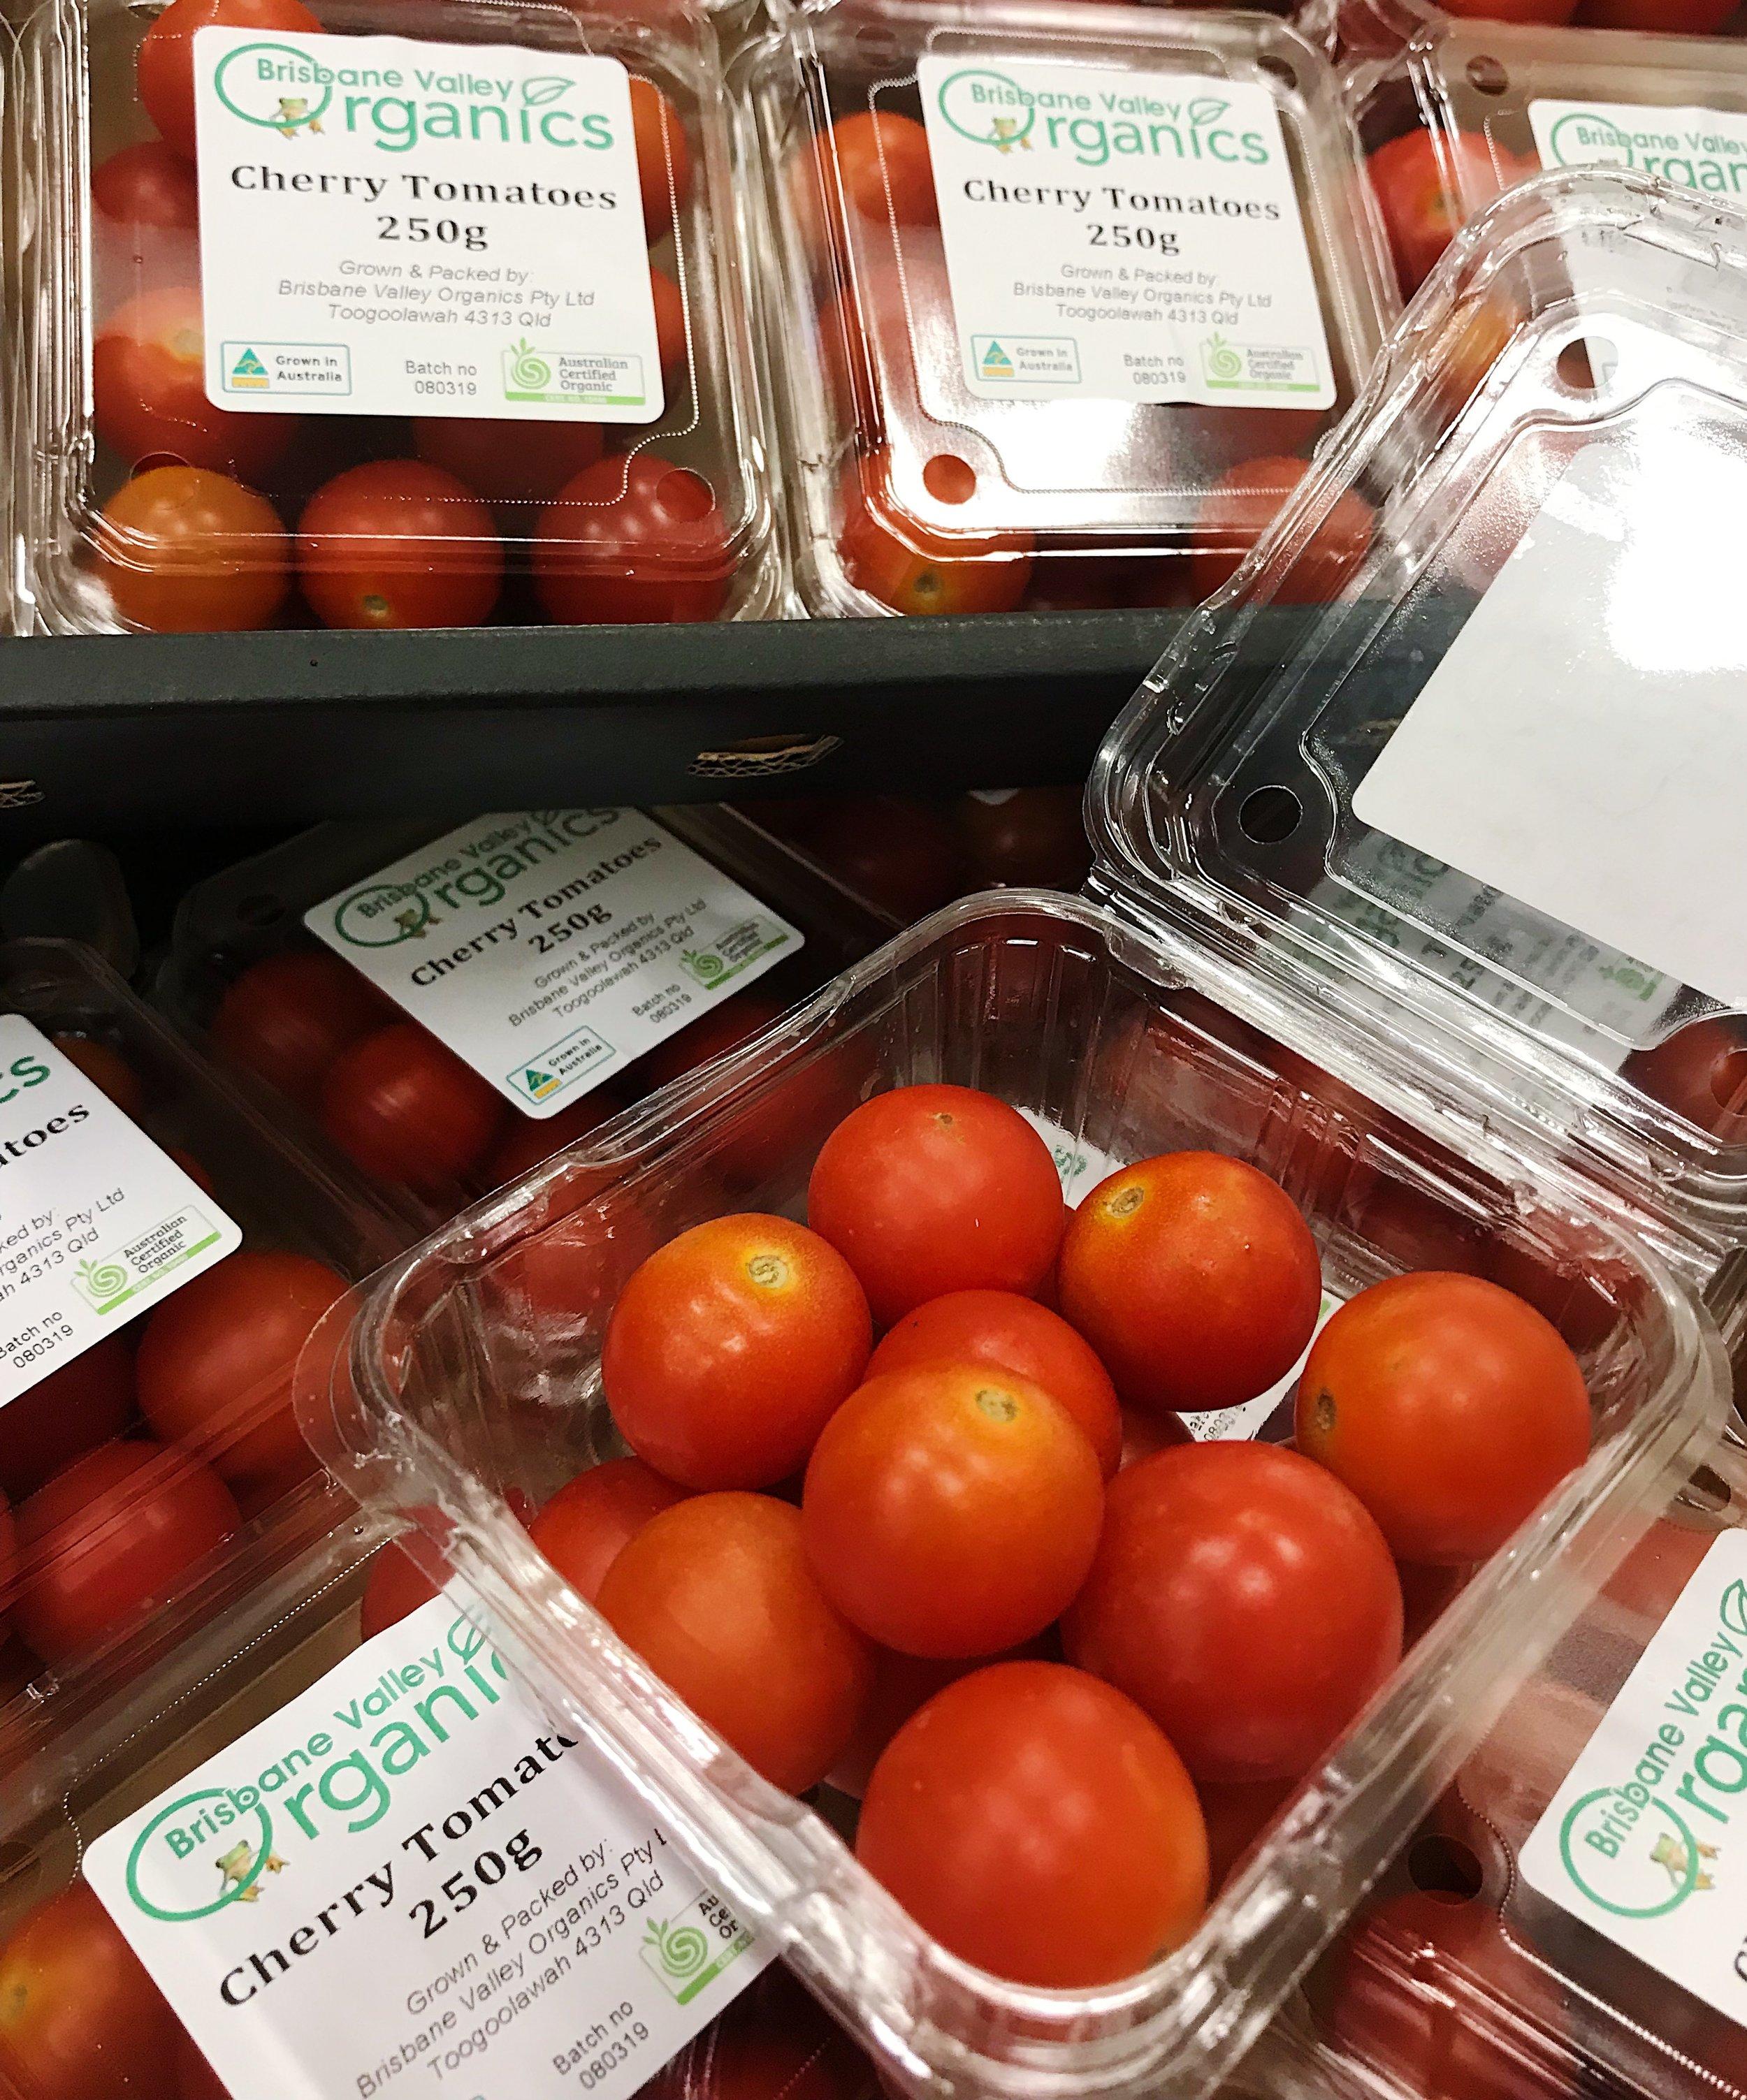 Brisbane Valley Organic Cherry Tomatoes